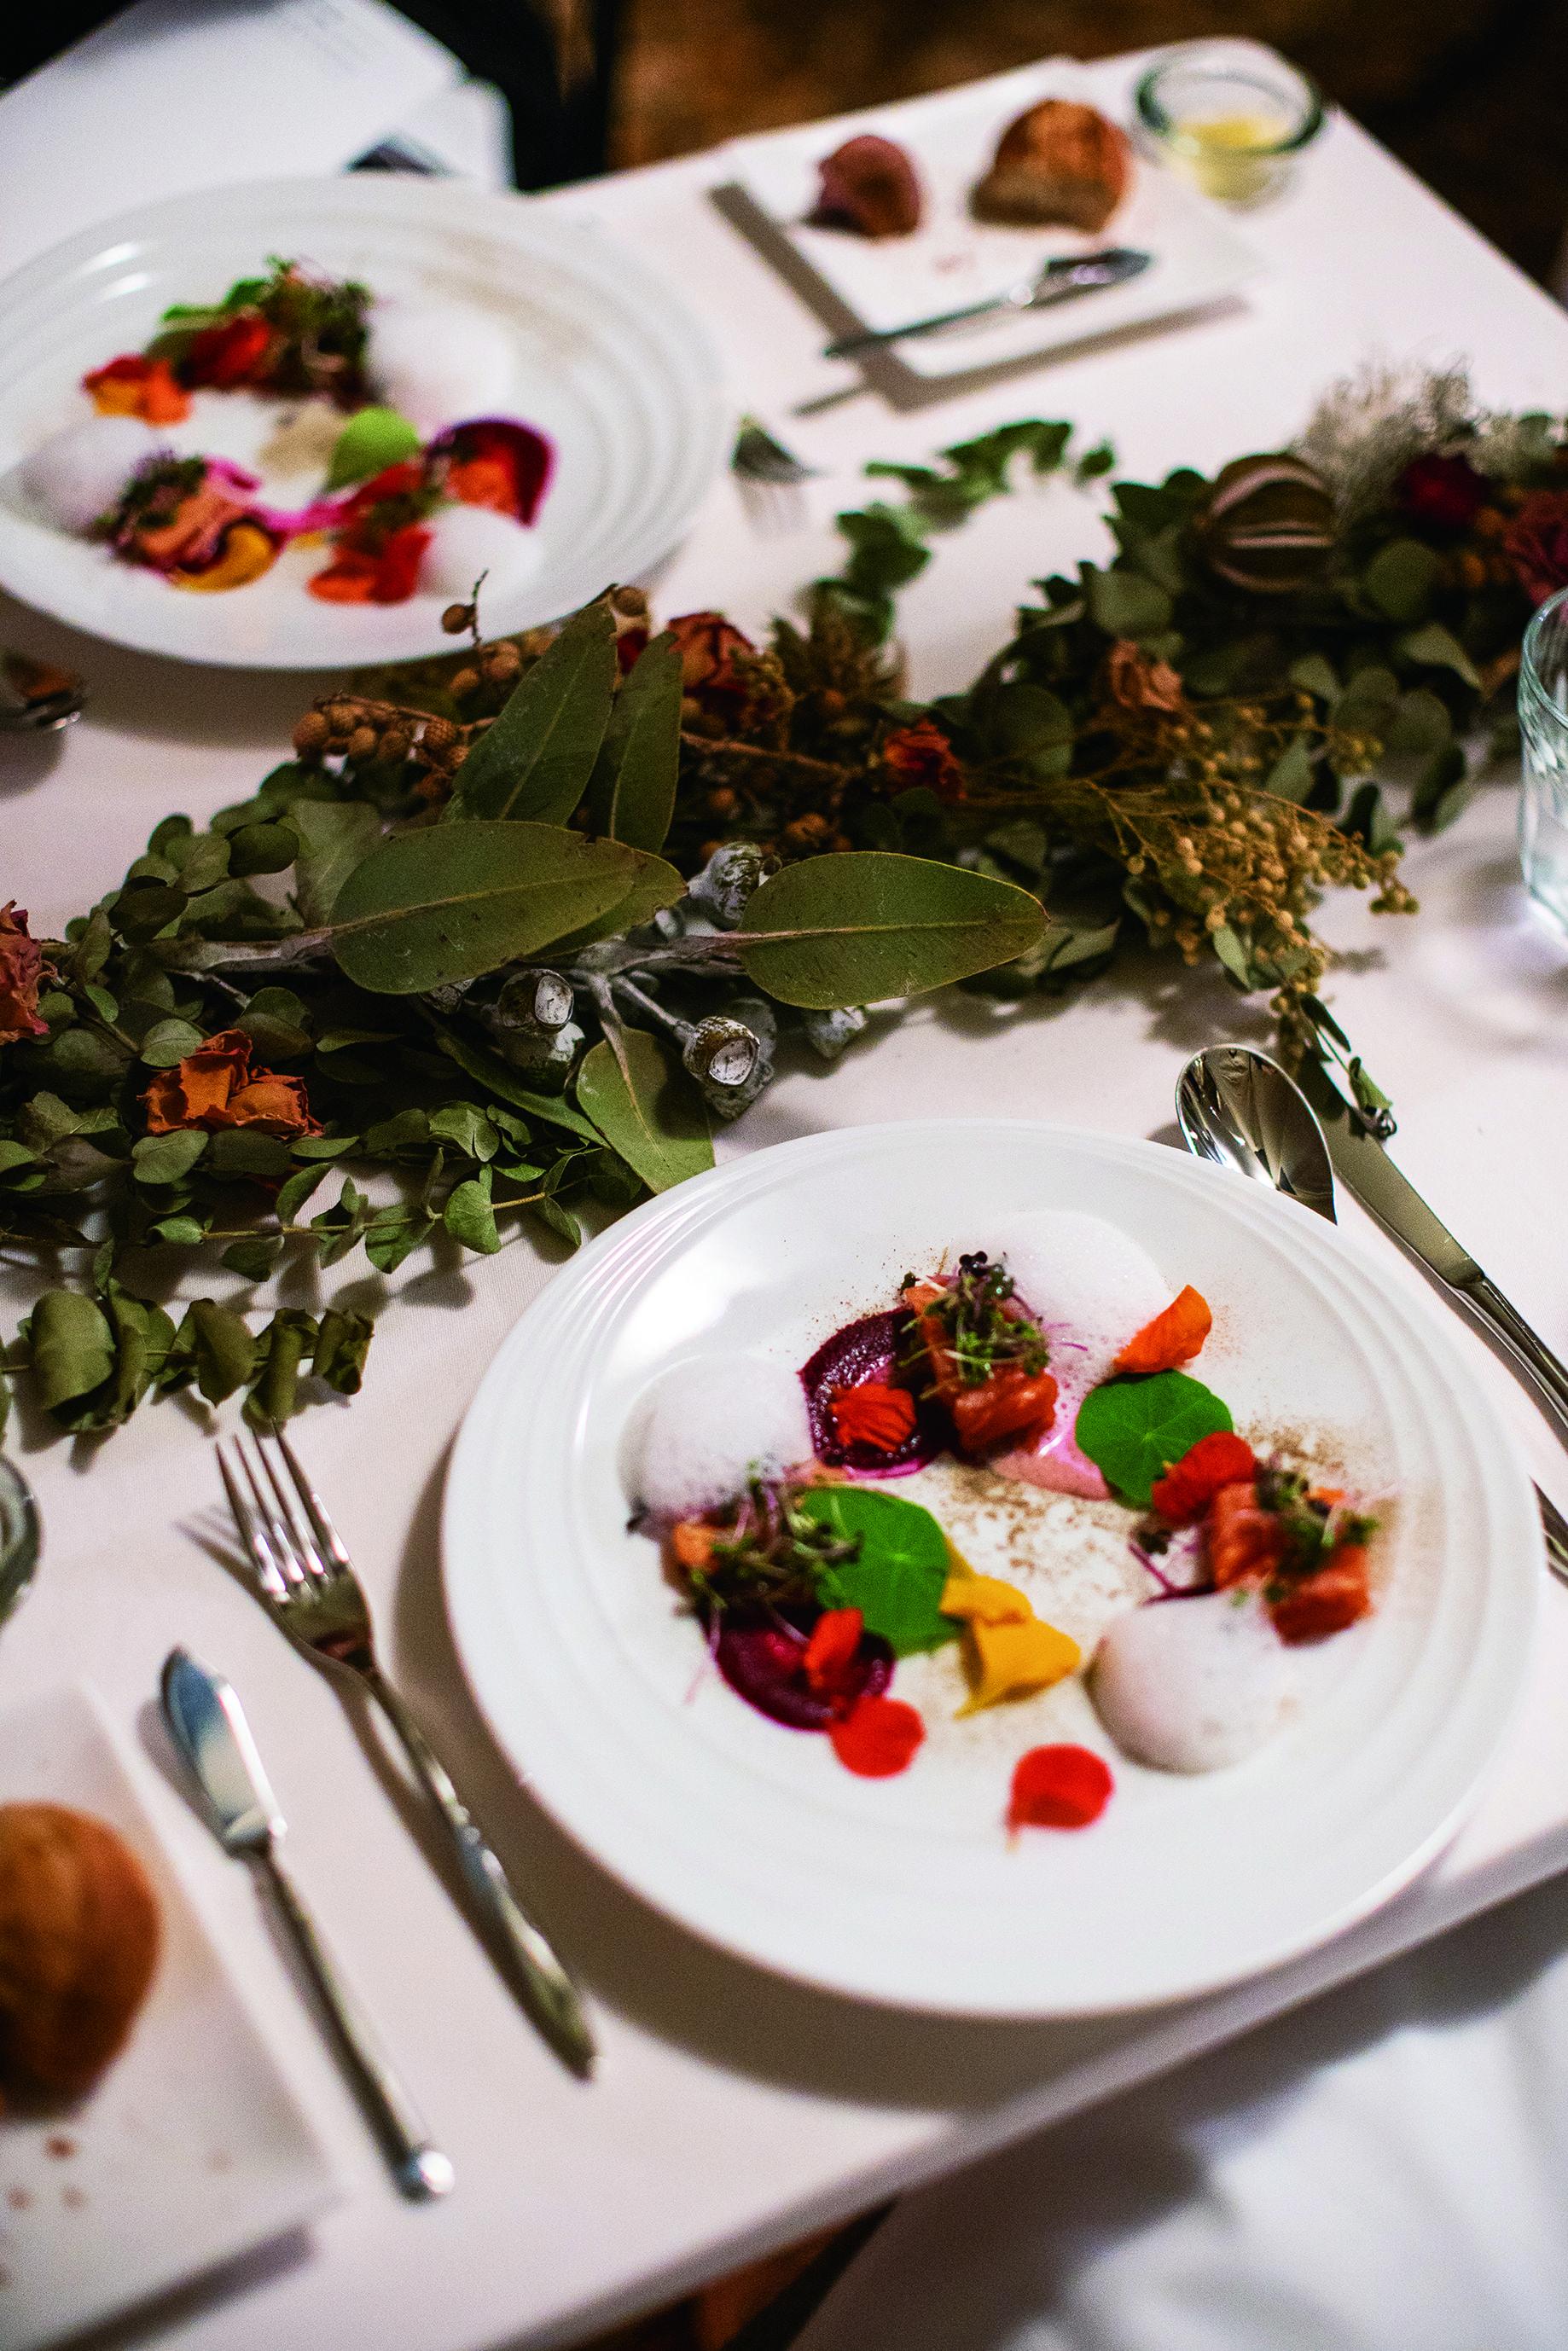 信州産の食材を使った創作料理、地元産のワインをマッチングするディナー。色づいた木の実や木の葉など、自然の恵みを使ったグランピングらしいテーブルコーディネート。